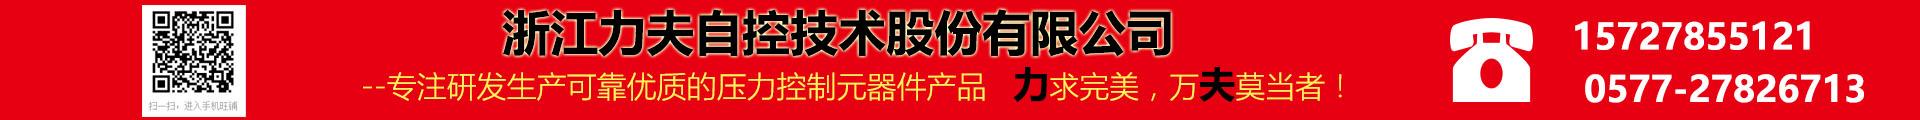 浙江力夫自控技術股份有限公司